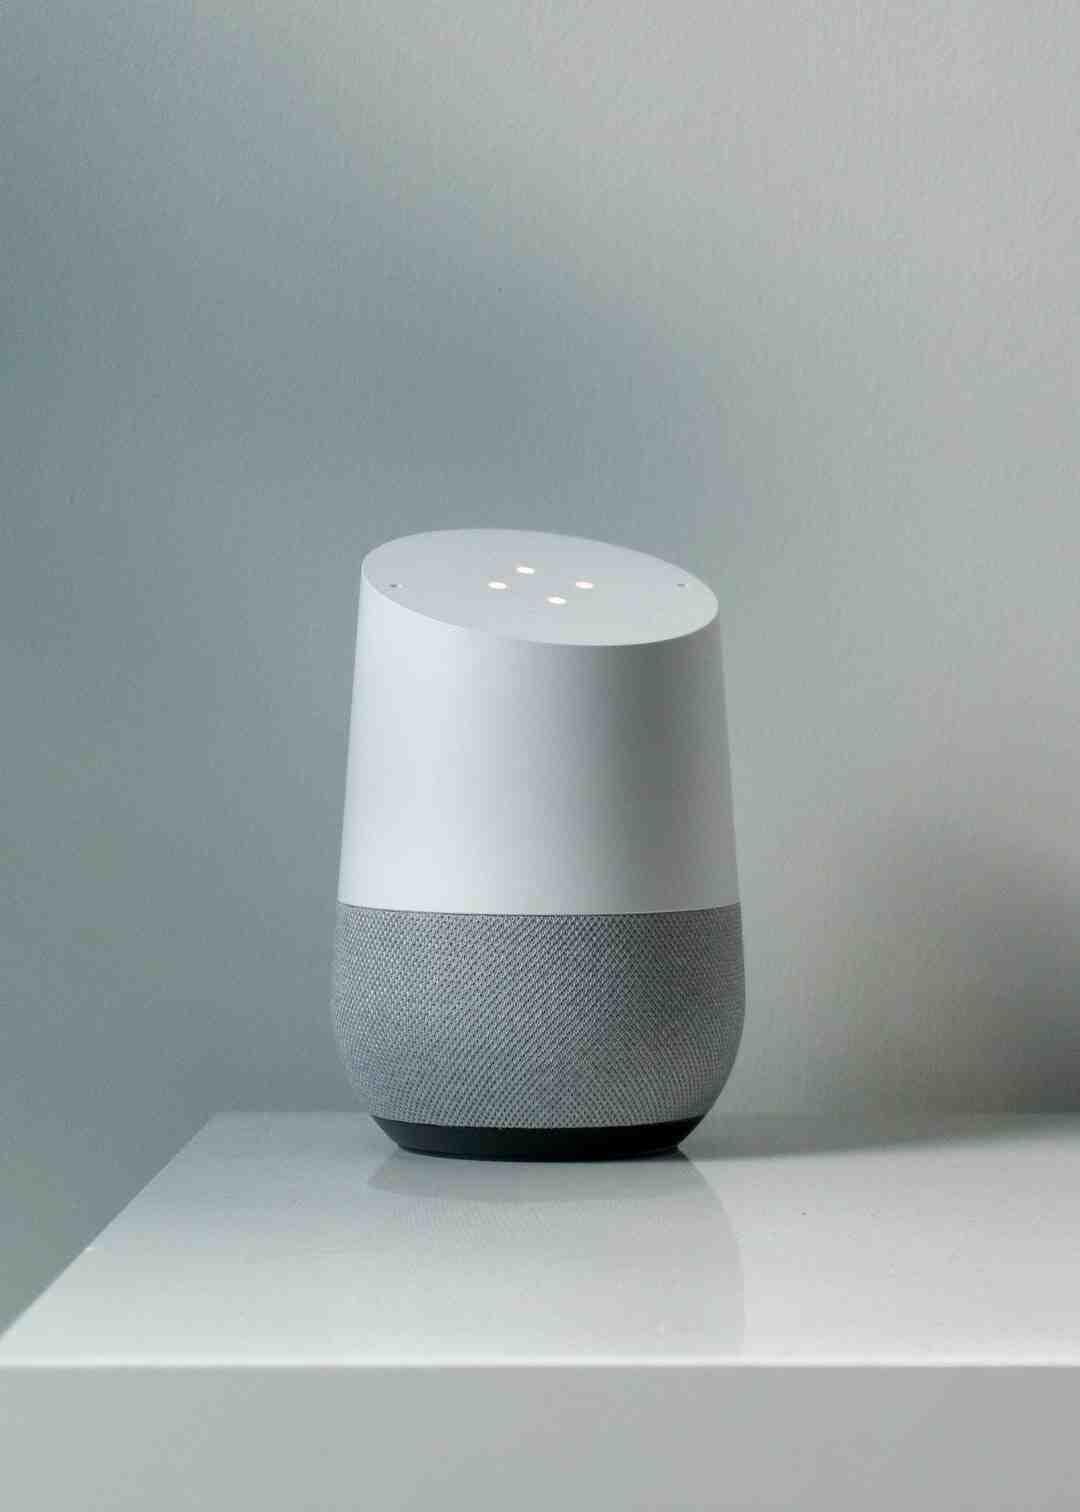 Comment paramétrer google home